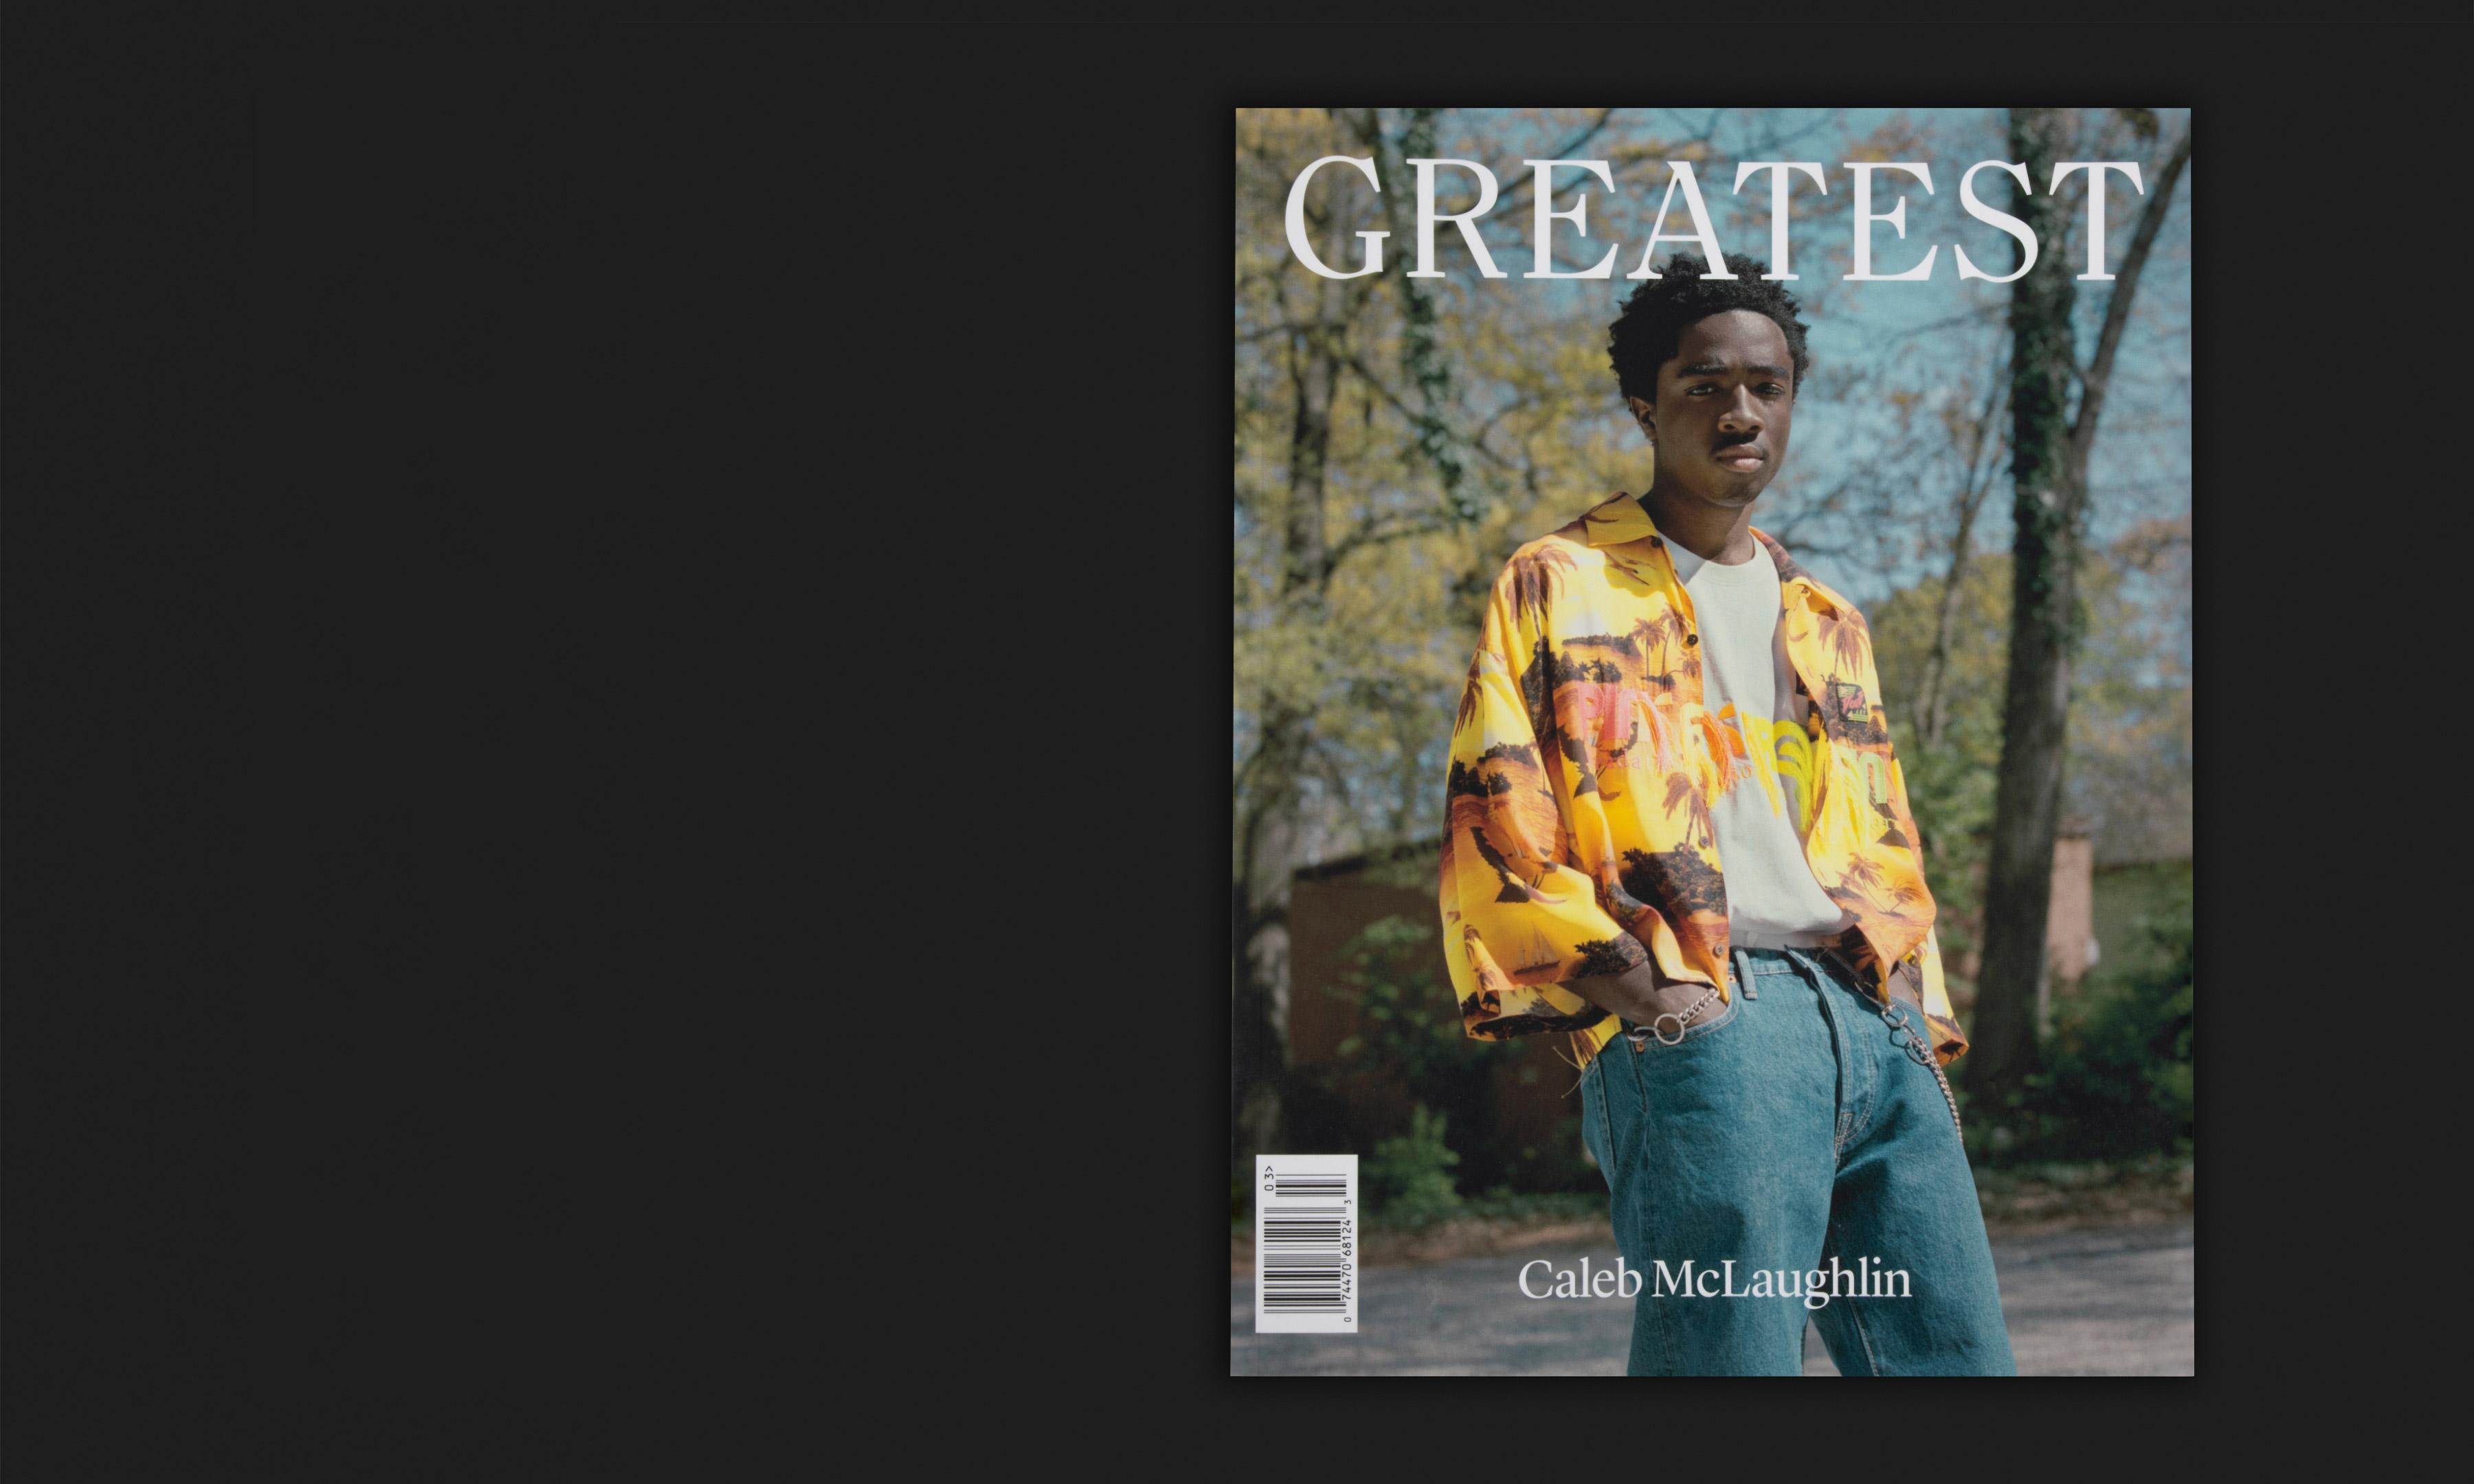 GOAT GROUP 旗下《Greatest》杂志第 3 期出版